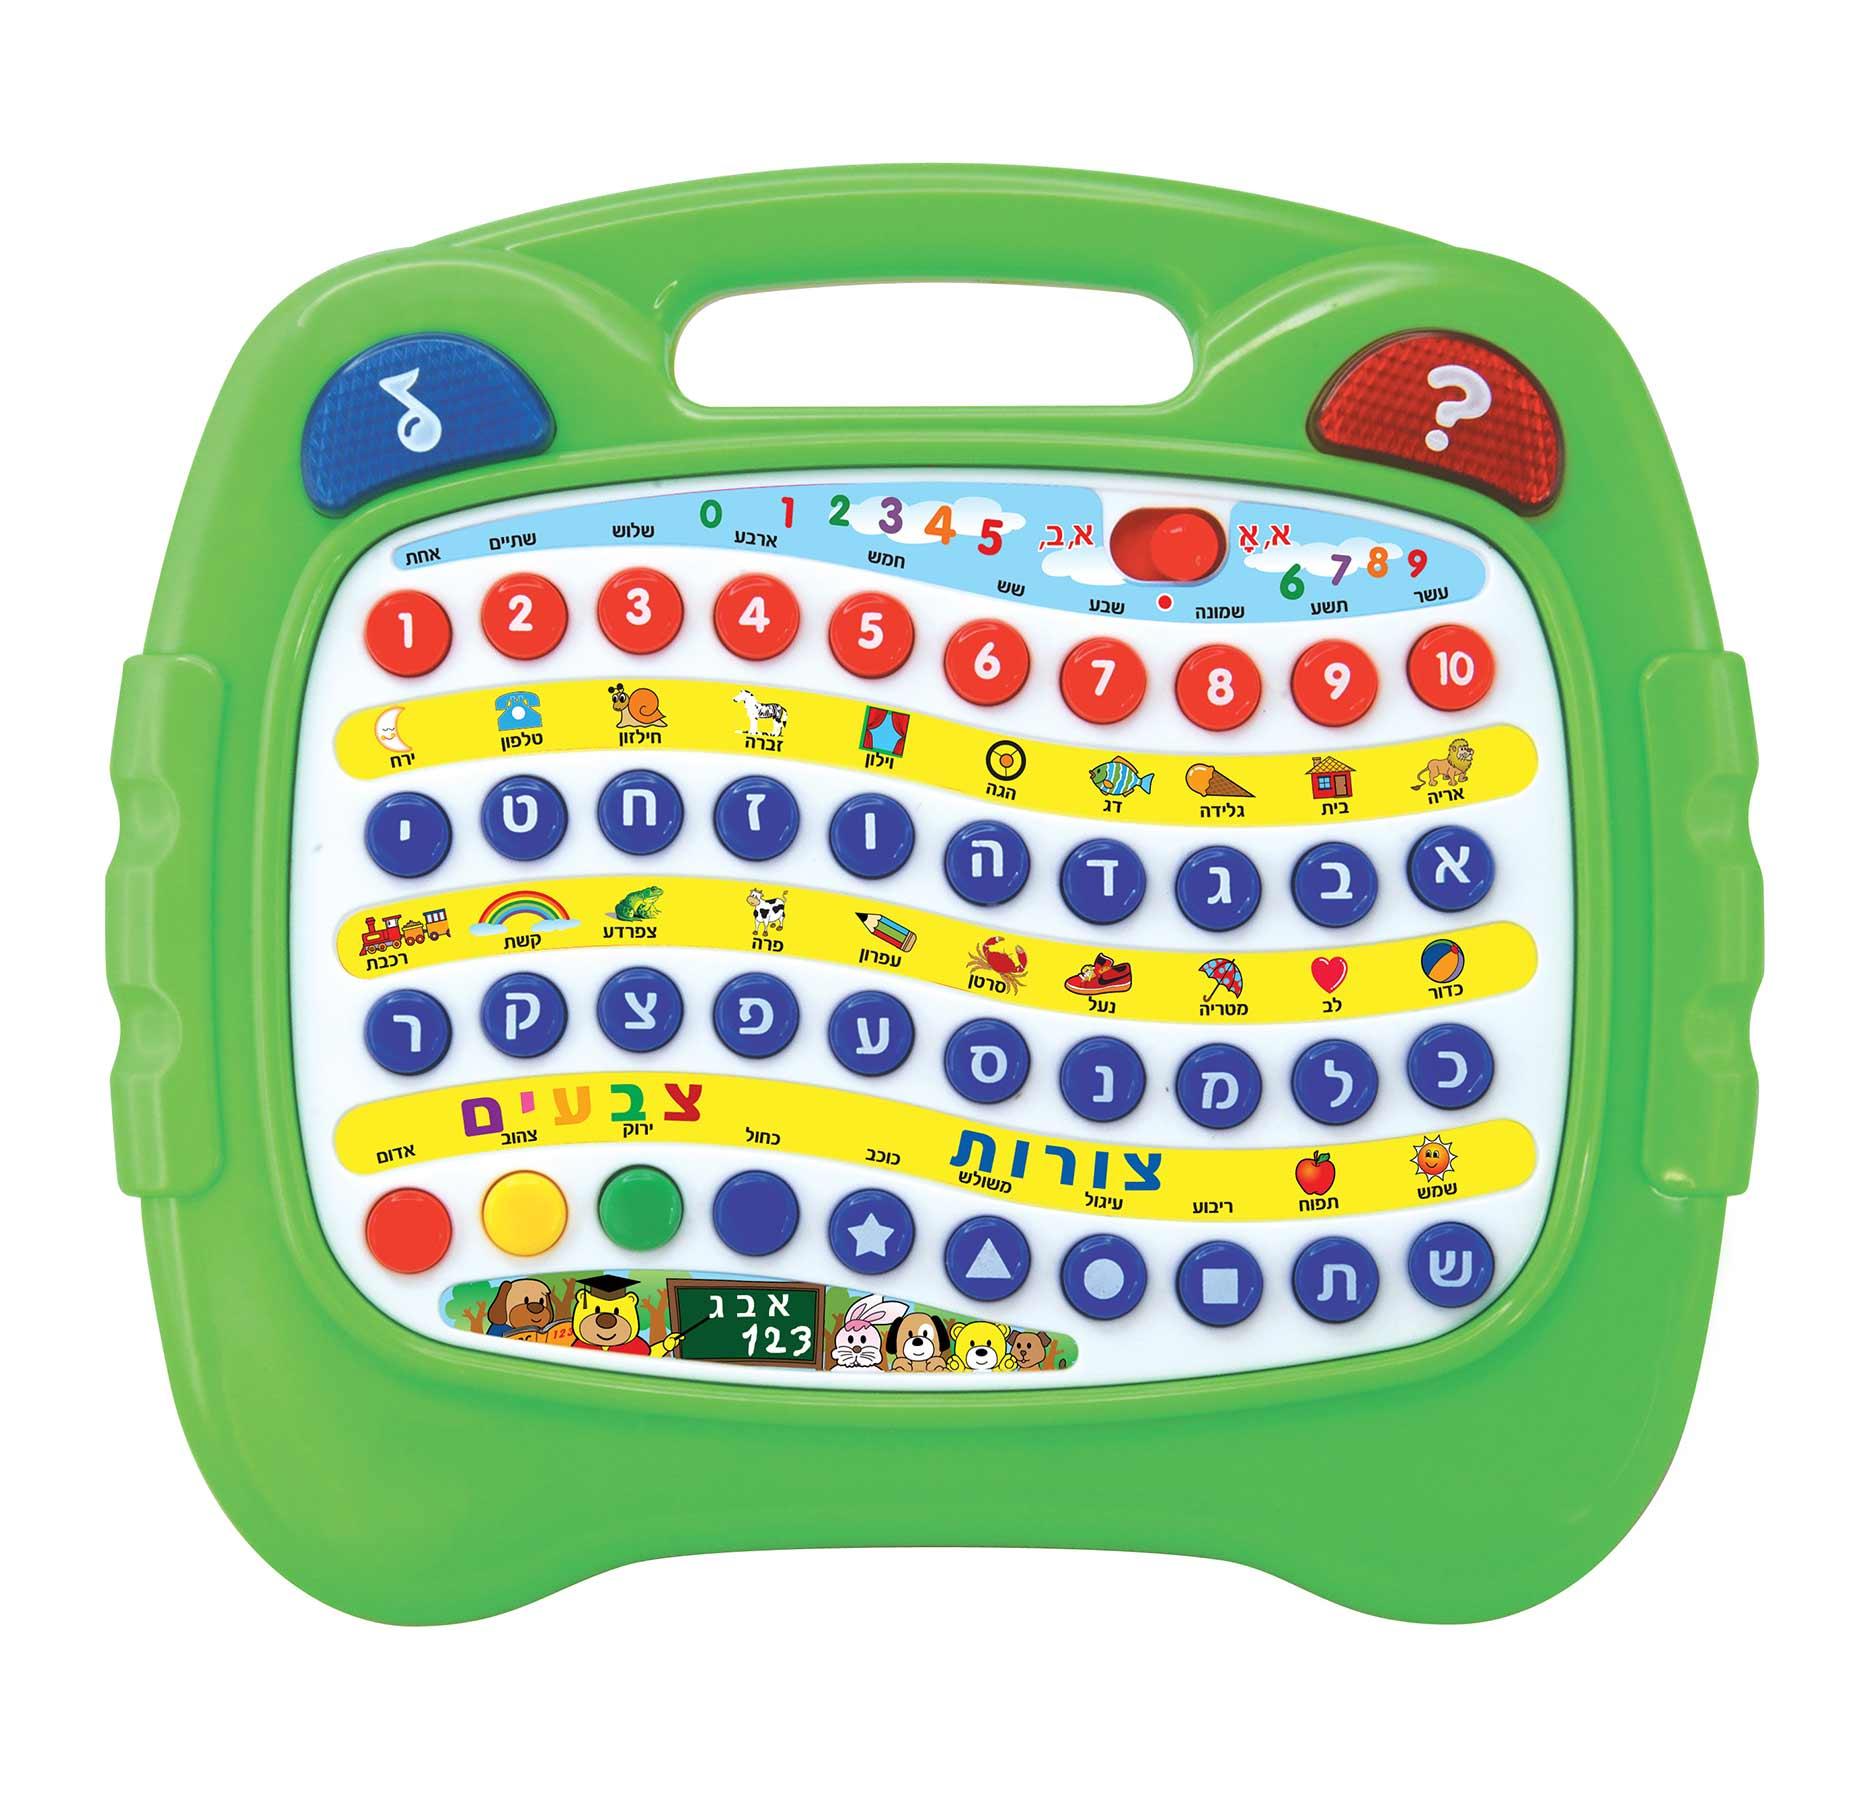 משחק לימוד צבעים, צורות, אותיות ומספרים